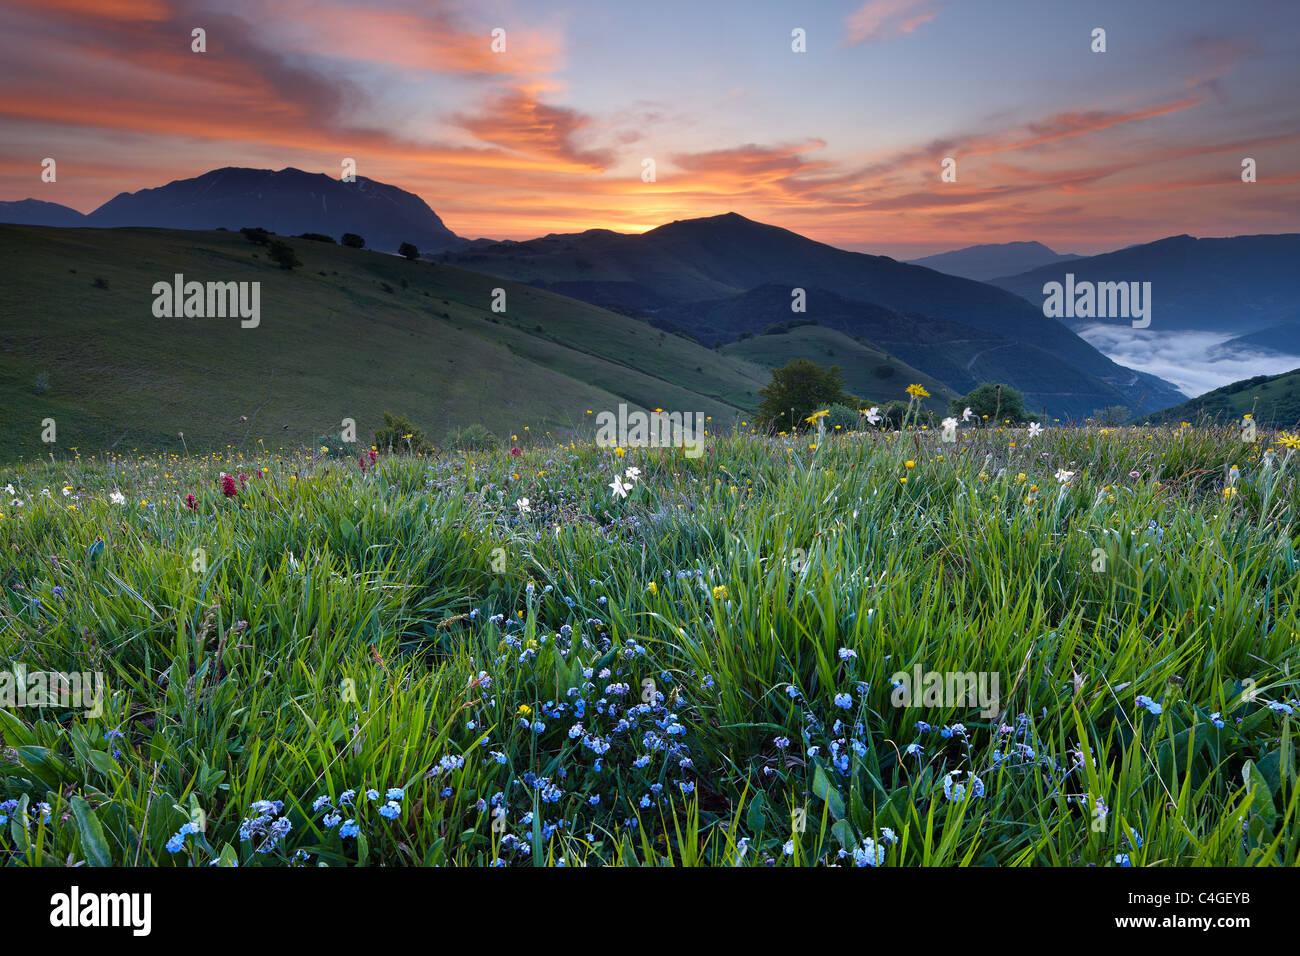 Monte Vettore et les fleurs sauvages à Forca Canapine à l'aube, parc national Monti Sibillini, Ombrie, Photo Stock